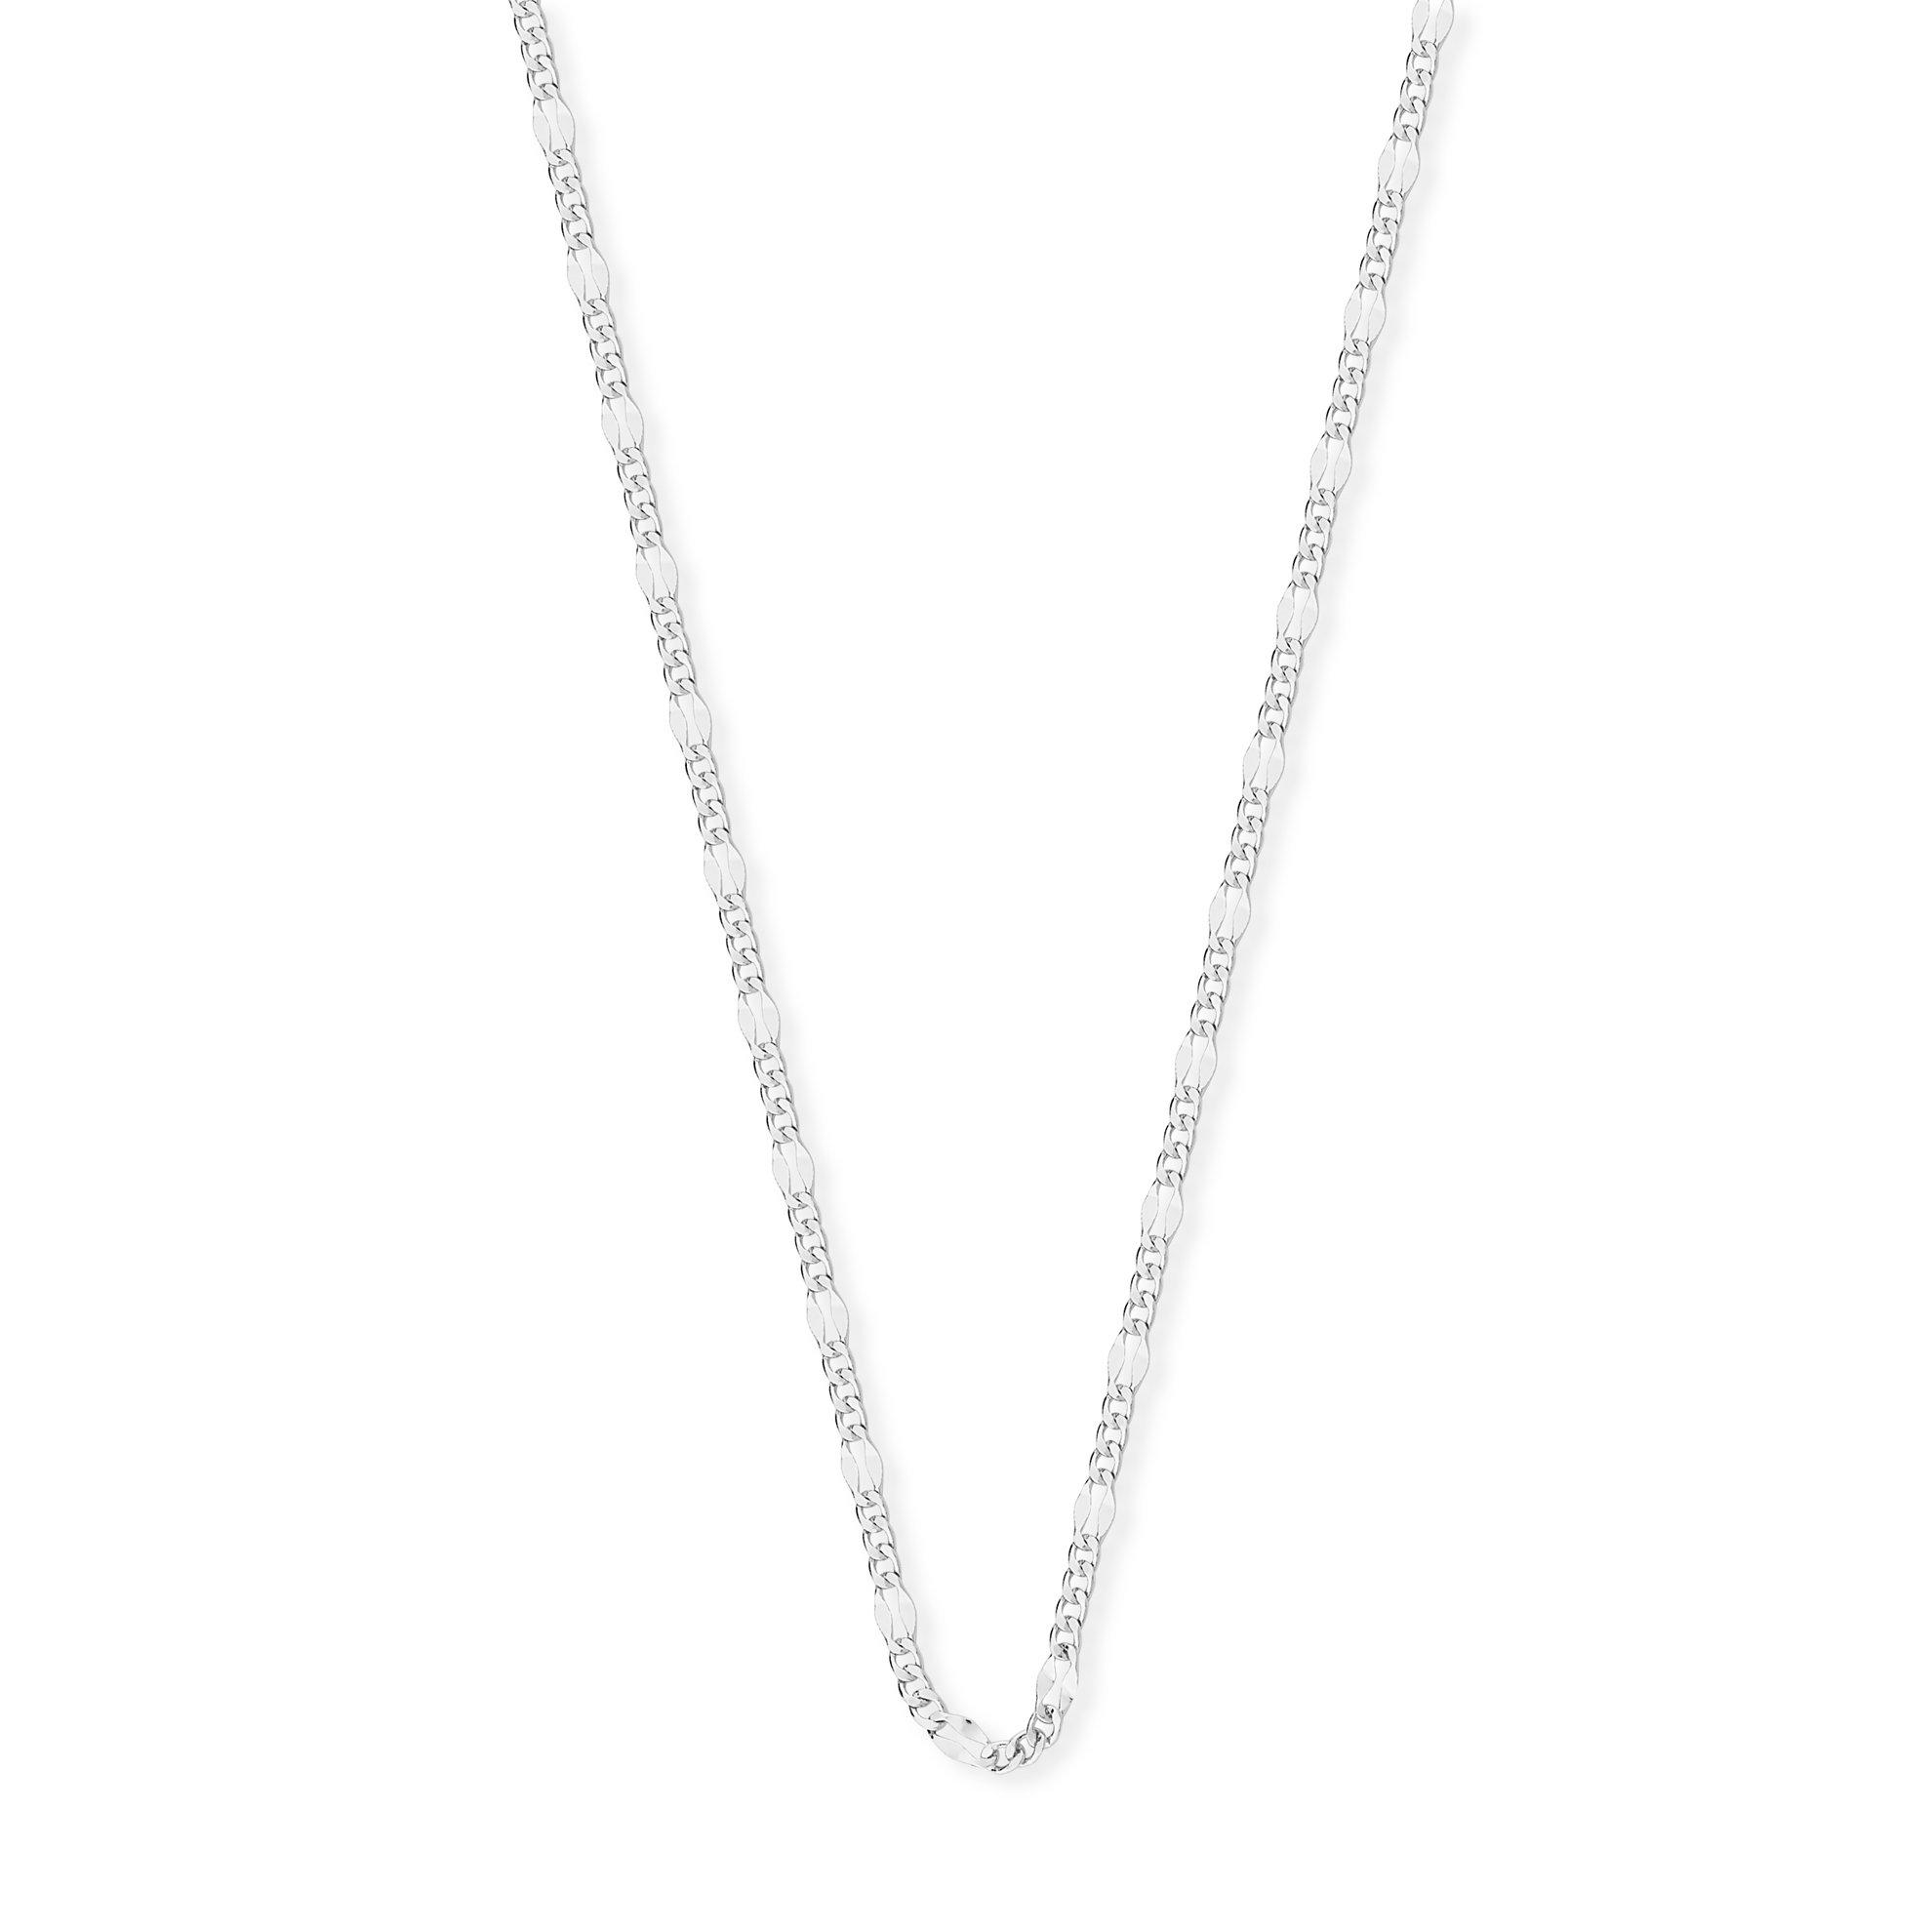 Corrente Groumet 3x1 em Prata 925 60 cm